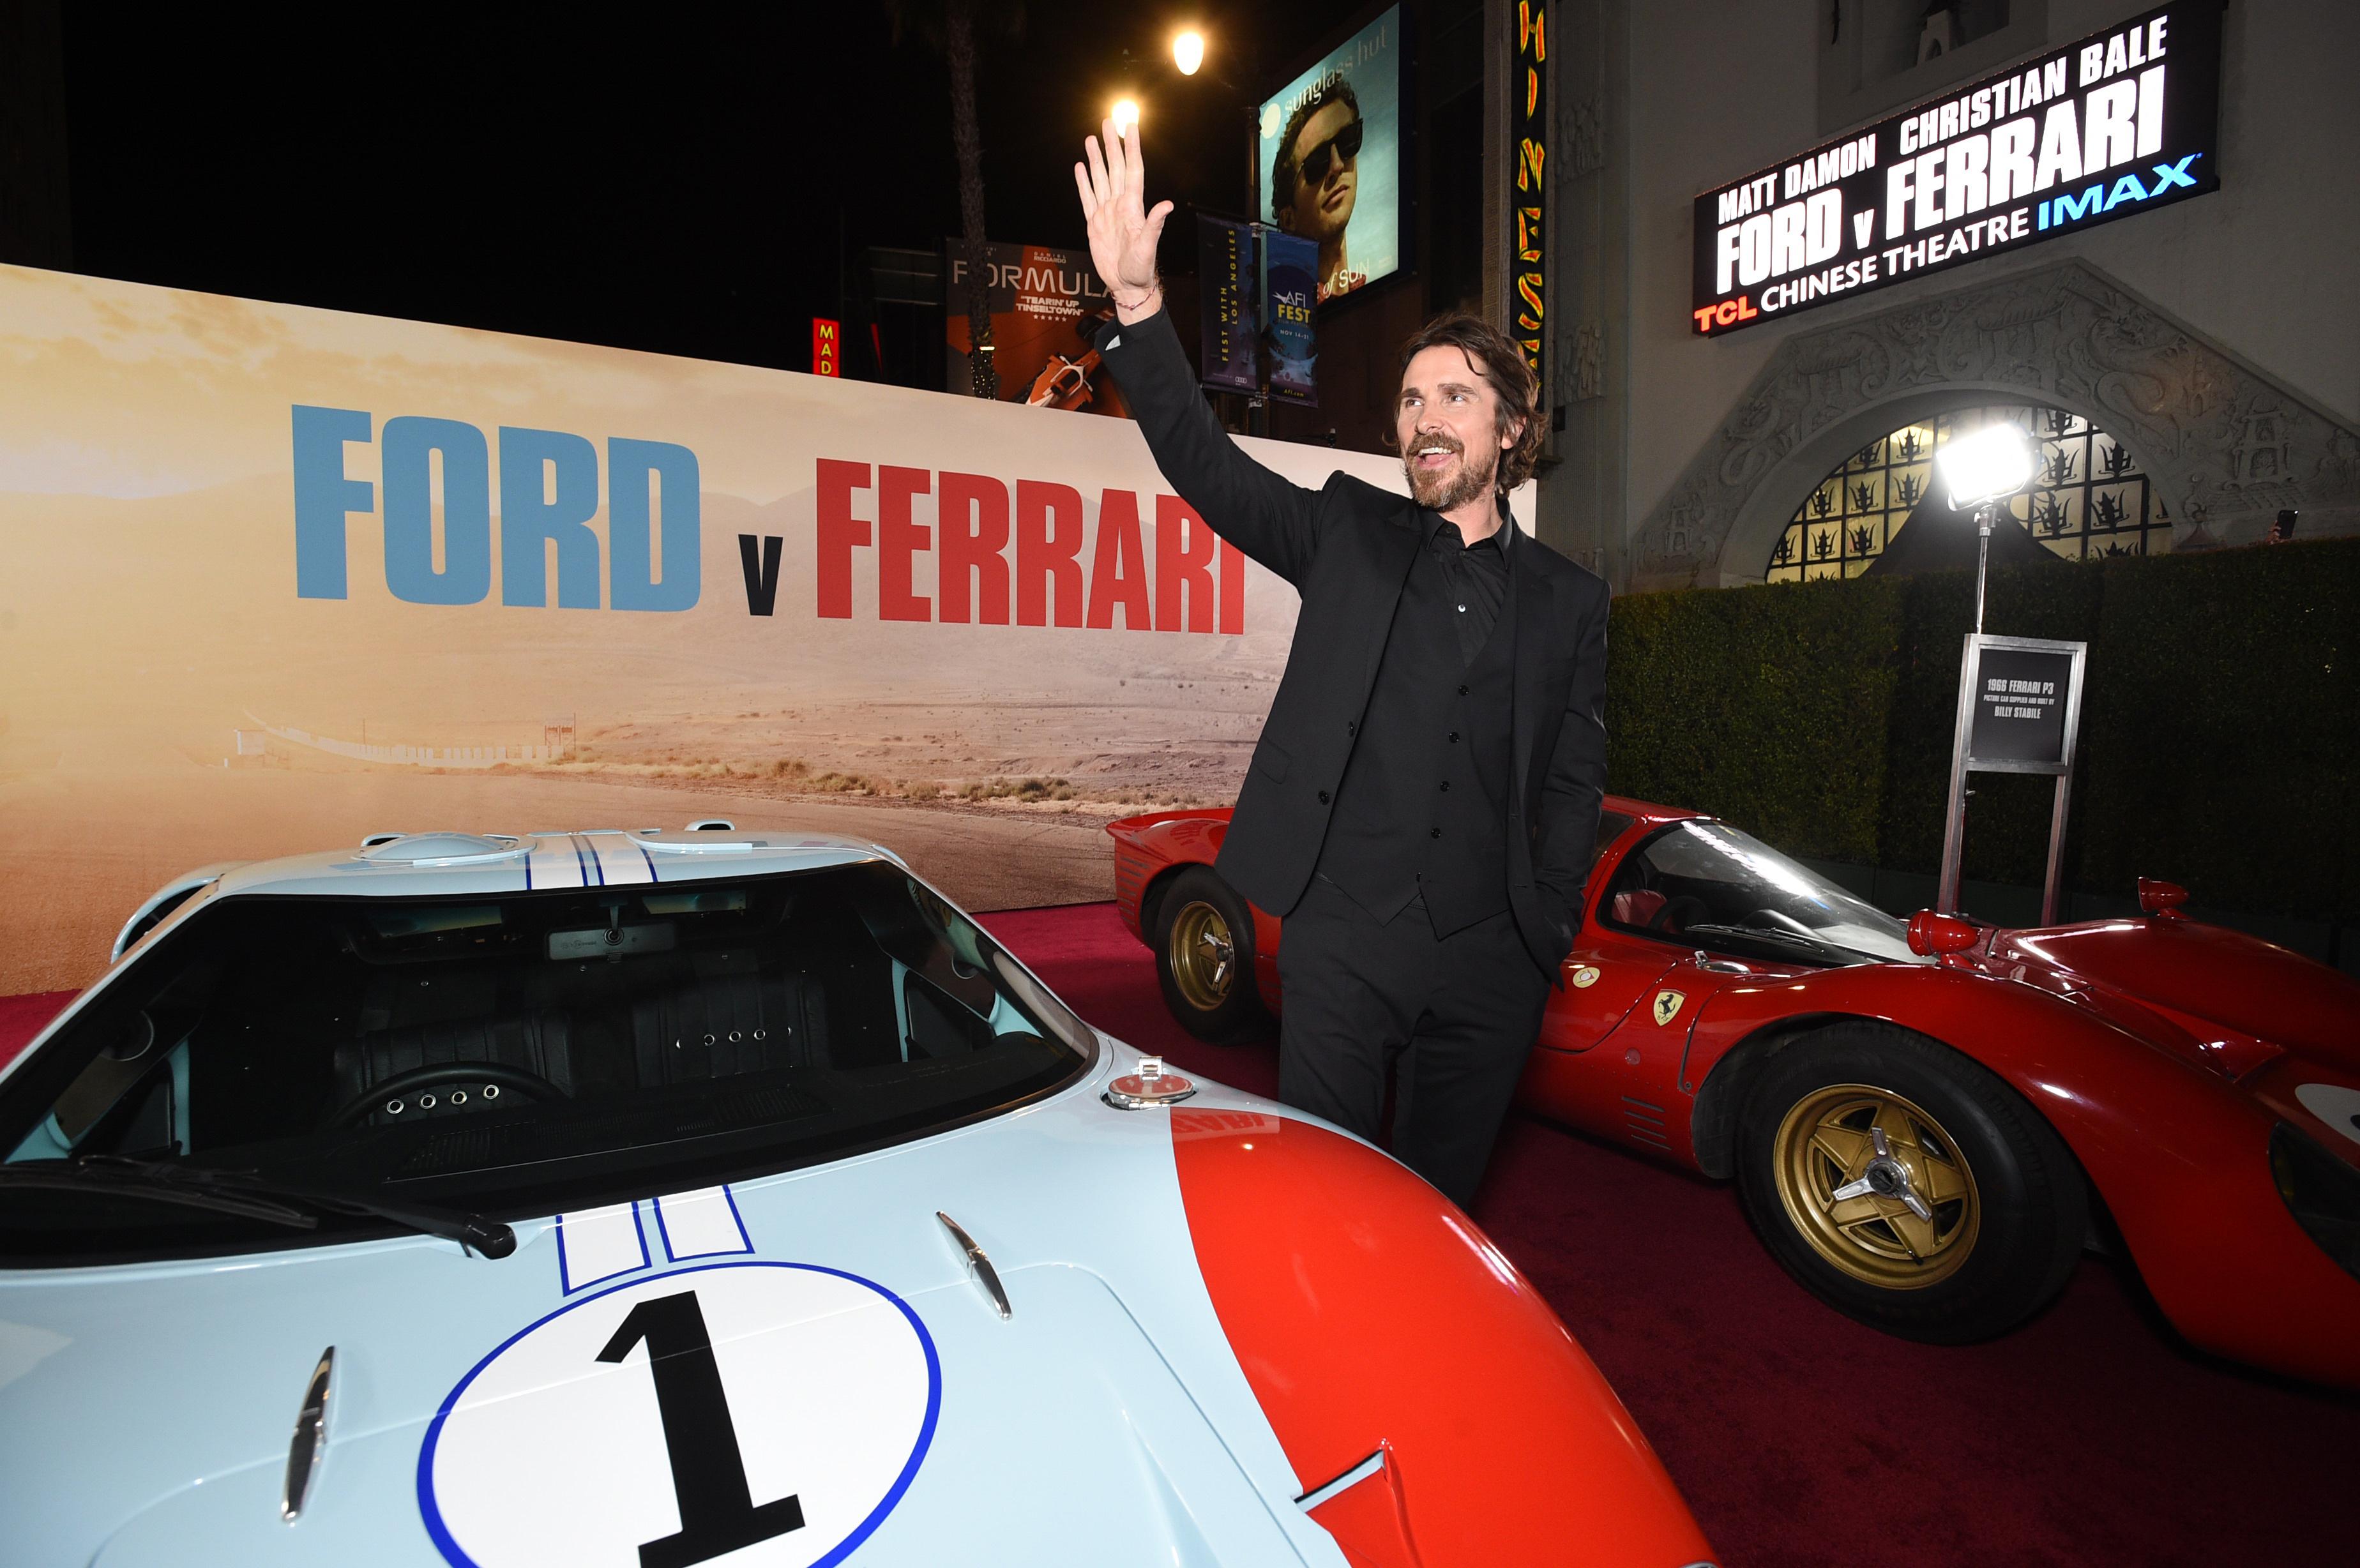 Christian Bale Matt Damon Talk Transforming For Ford V Ferrari Variety